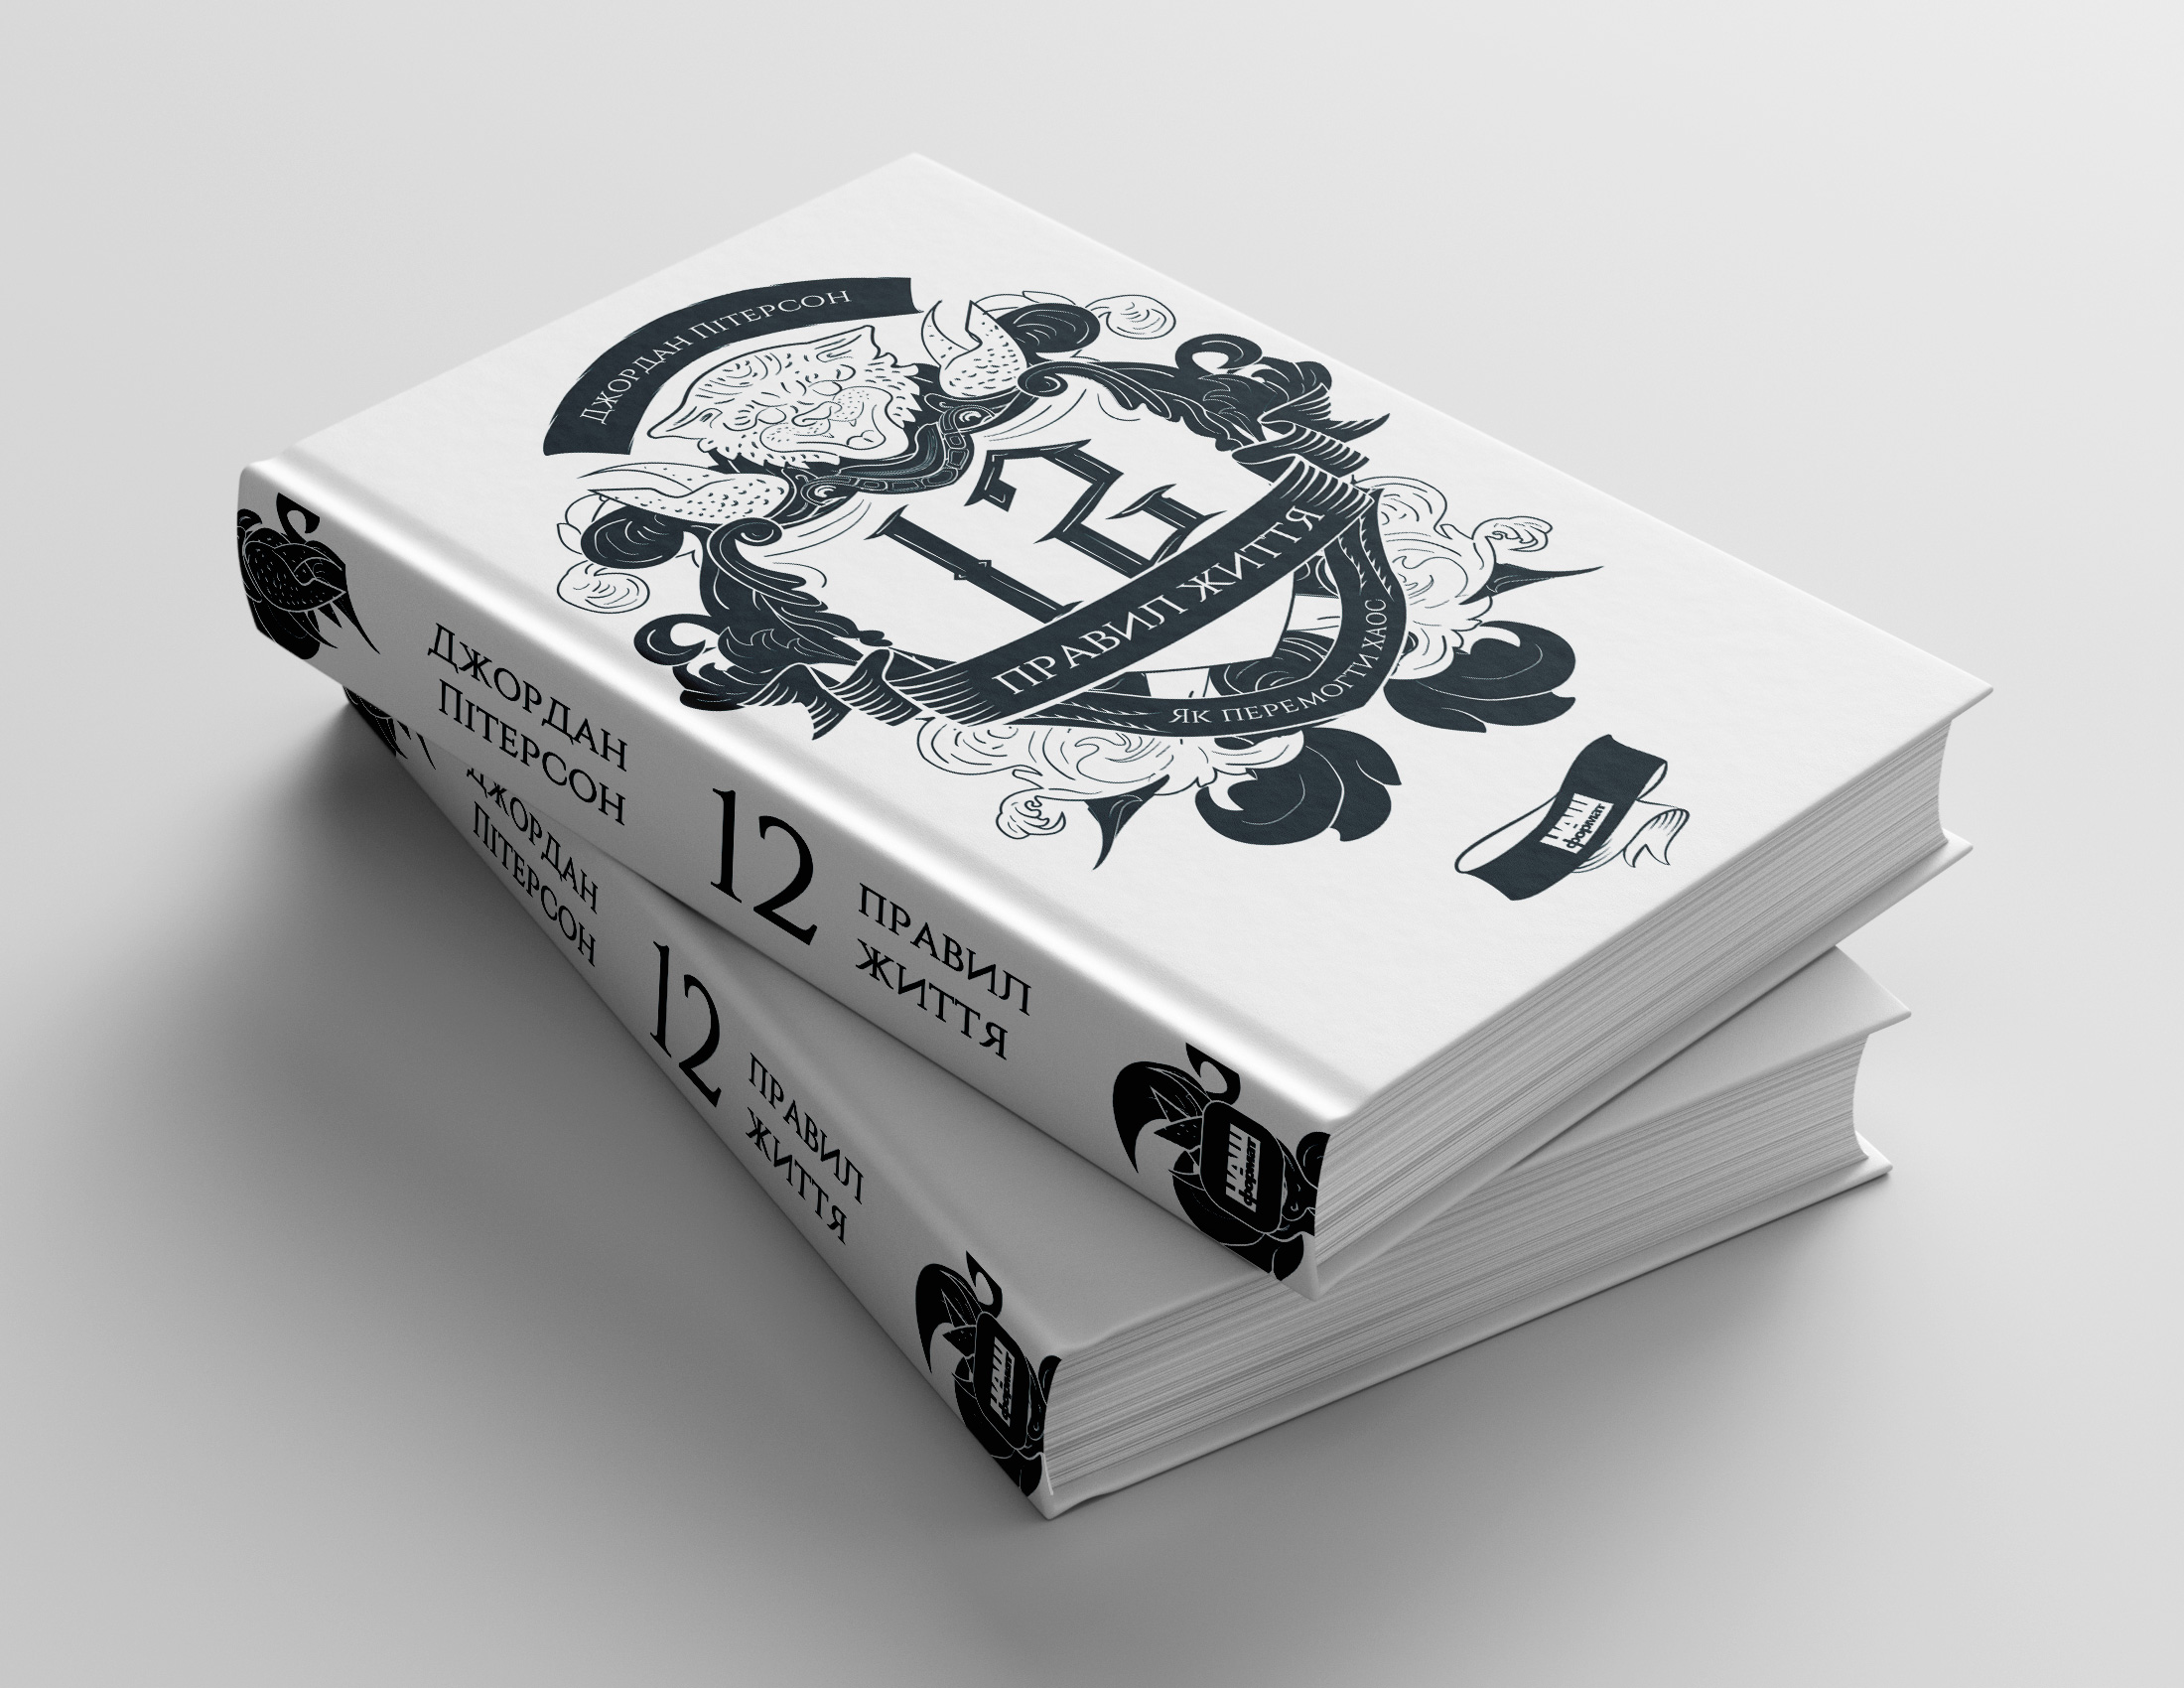 «12 правил життя. Як перемогти хаос» — уривок з бестселеру Джордана Пітерсона